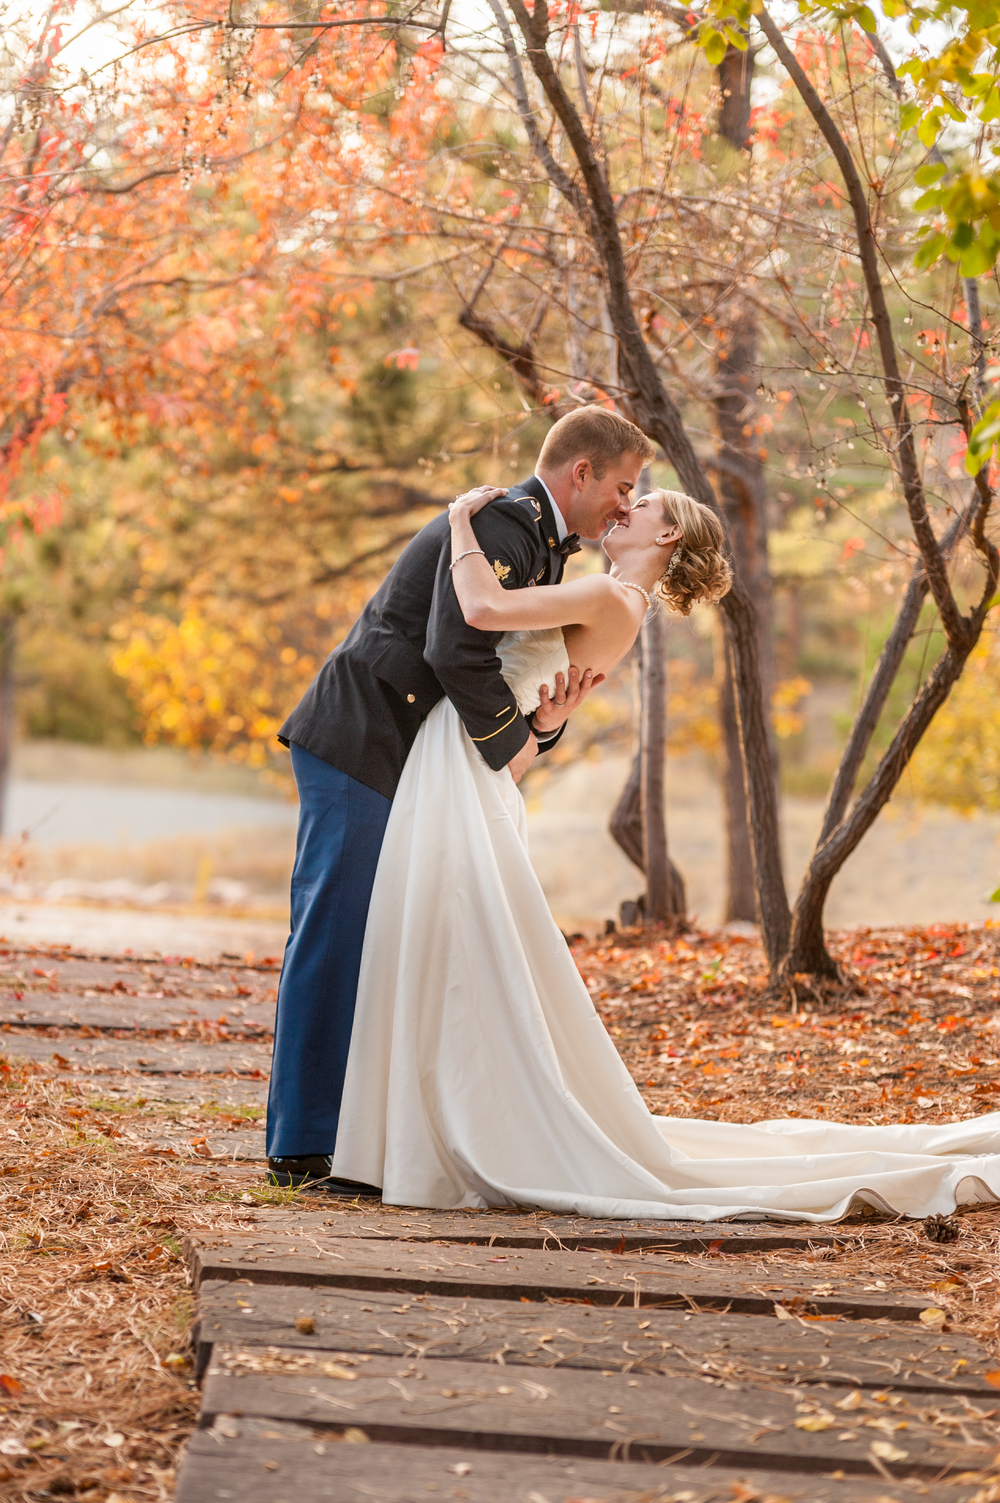 wedding_day_couple_portraits_walkways_fall